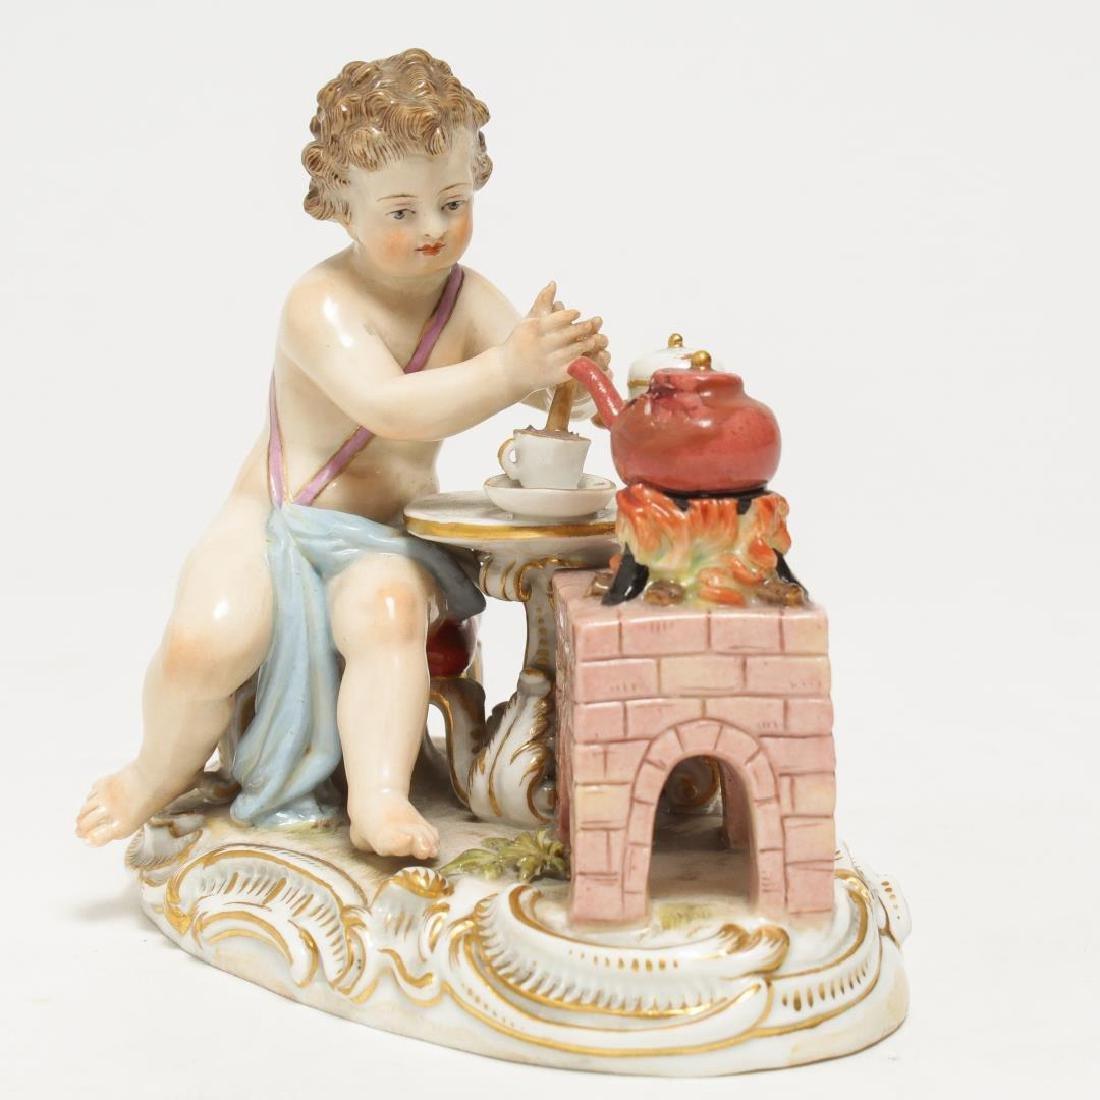 Meissen Porcelain Cherub Chocolatier Figurine - 2